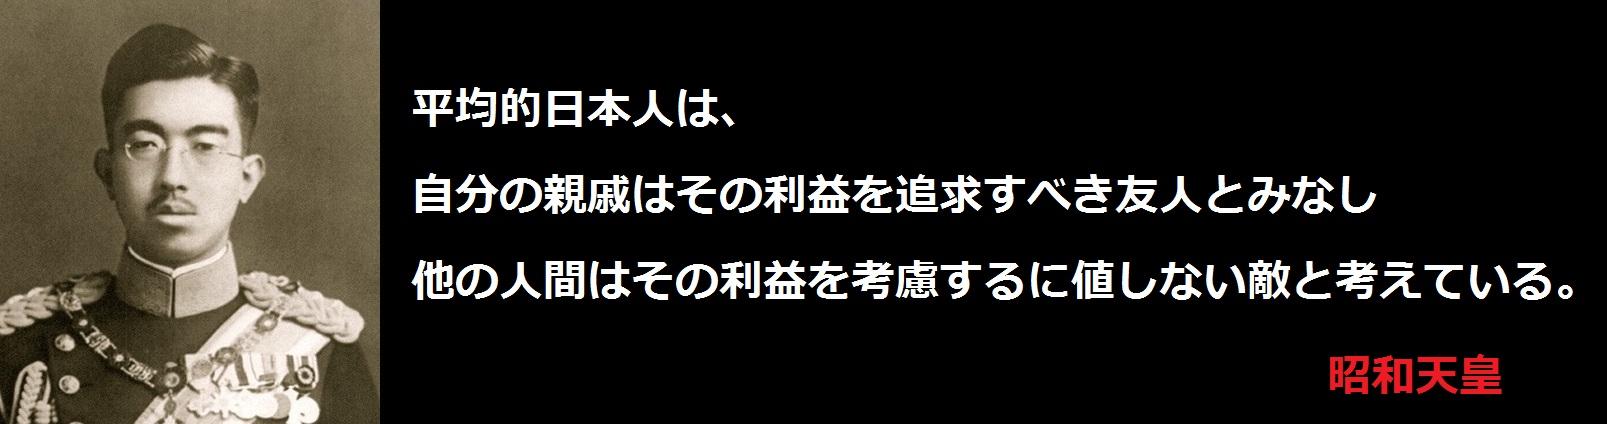 f:id:JAPbuster:20170519182842j:plain